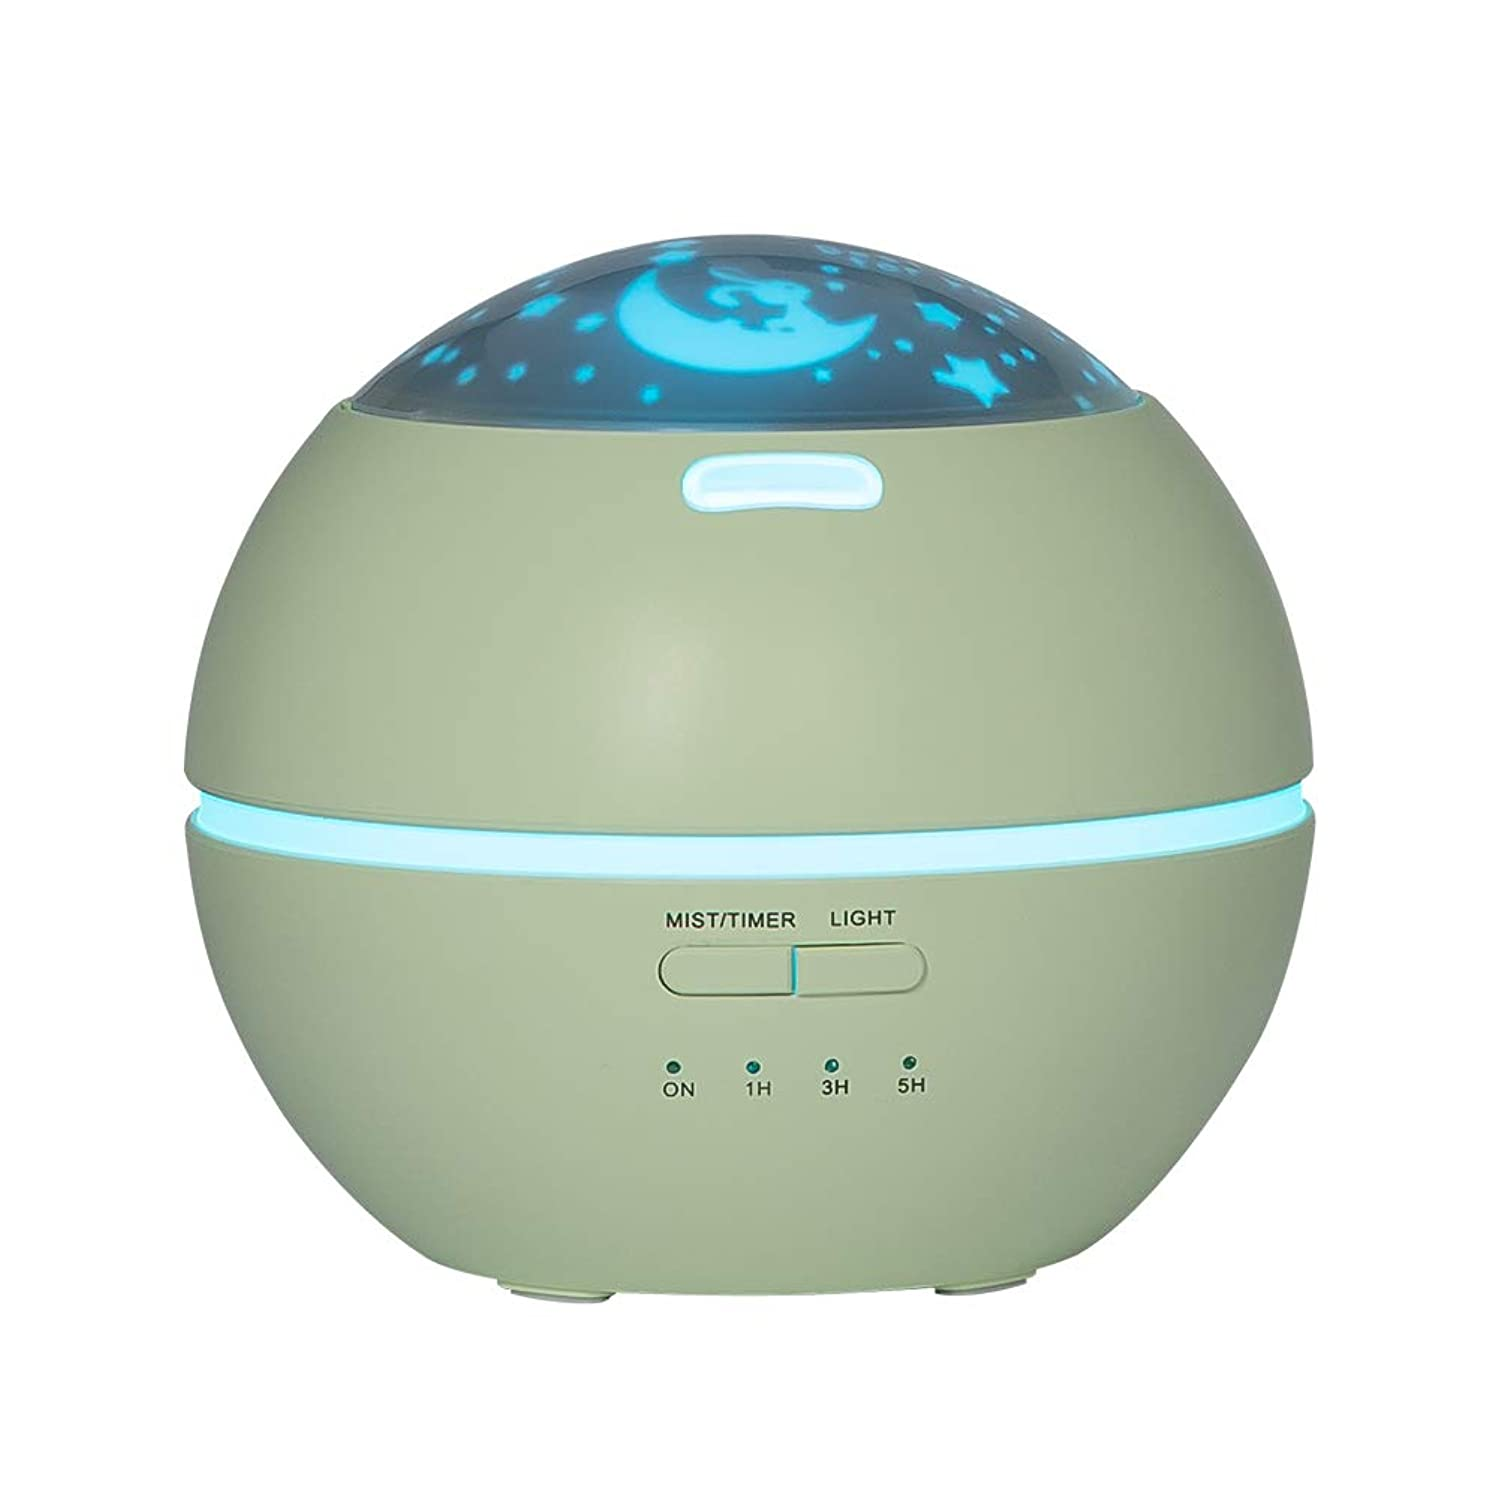 お香ビート妖精LIBESON 加湿器 卓上 超音波式 アロマディフューザー 8色LEDライト変換 超静音 ミス調整可能 時間設定タイマー機能付き 空焚き防止機能搭載 アロマ加湿器 ホワイト150mL (グリーン)